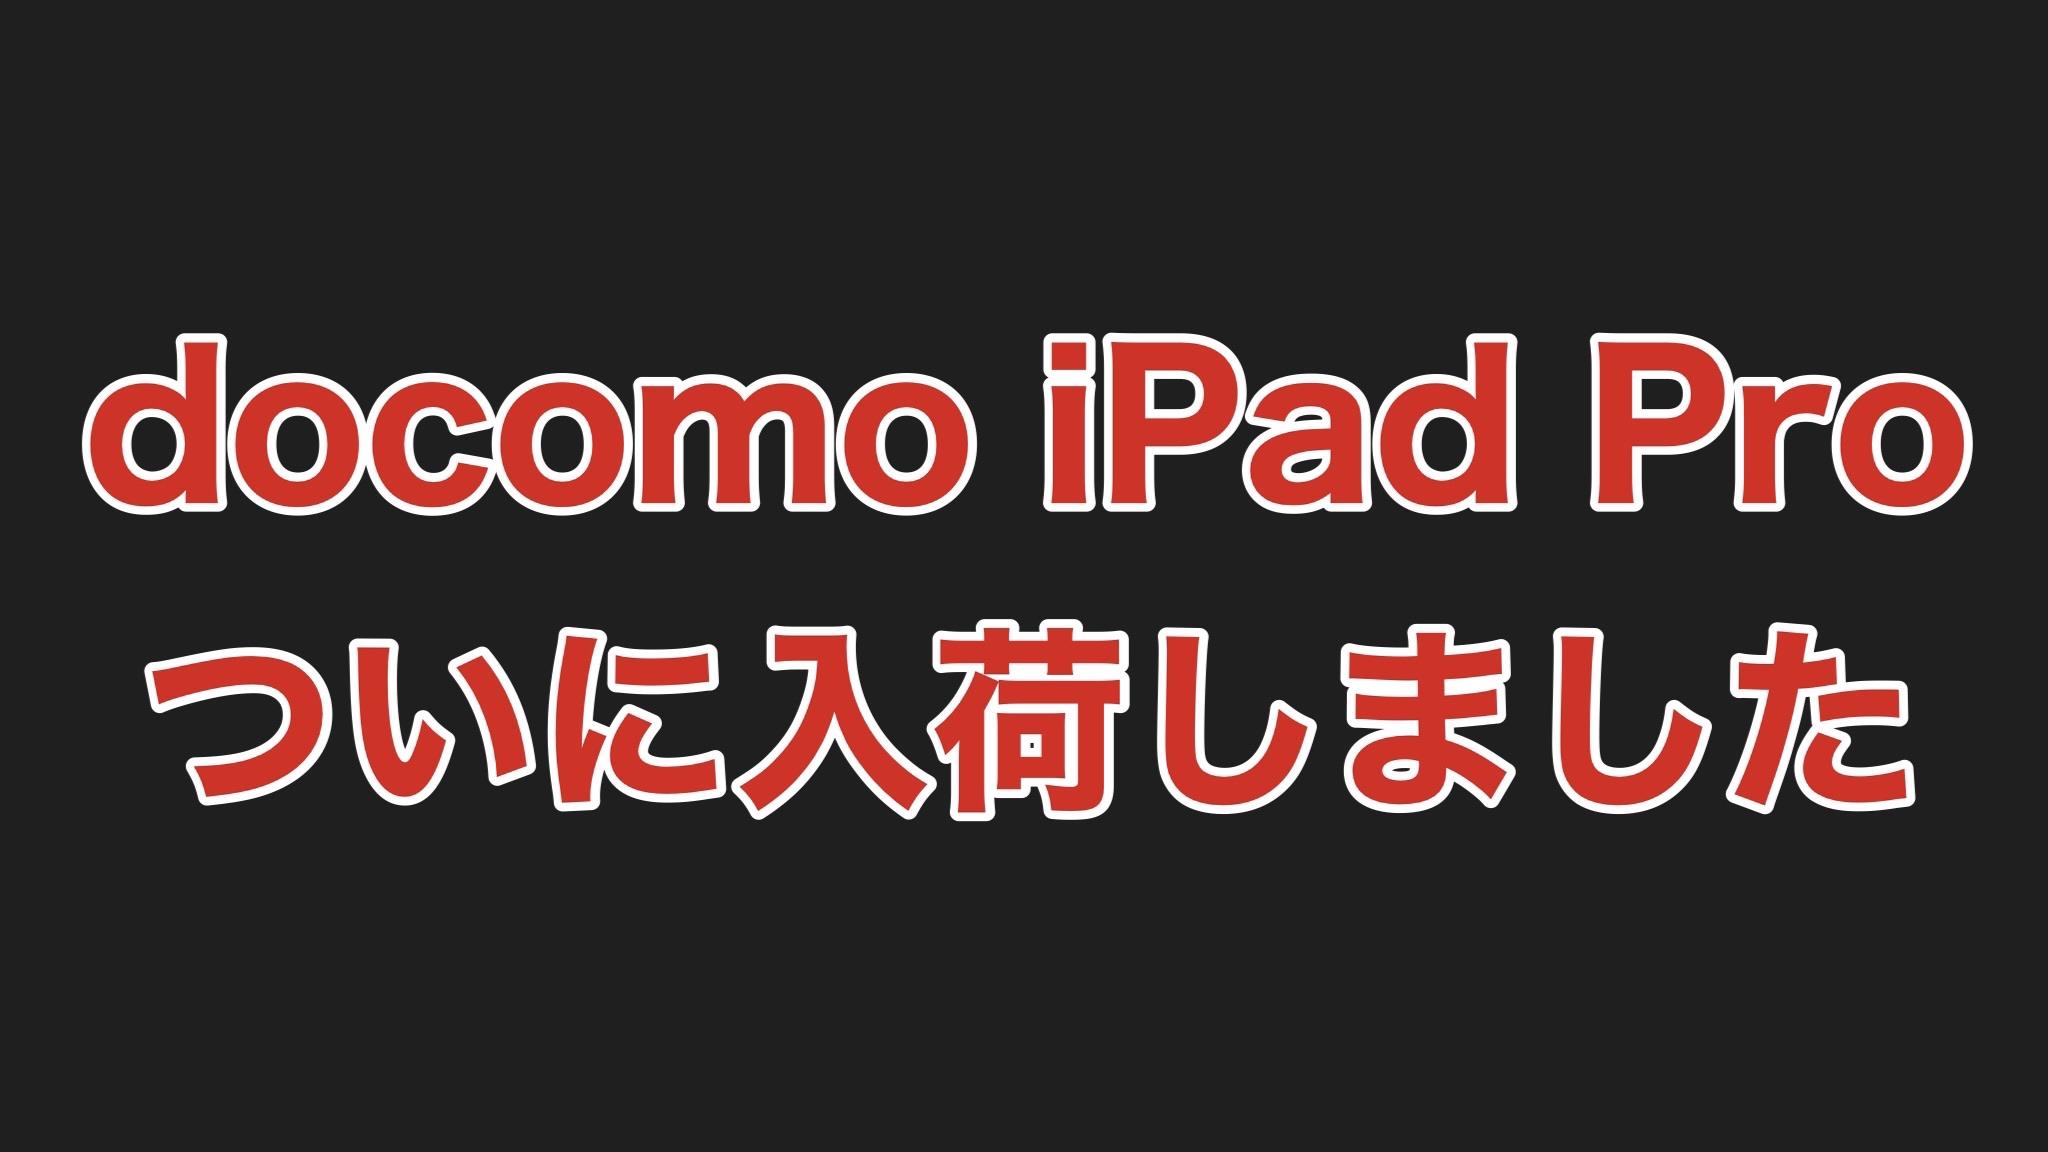 【速報】docomoで予約していたiPad Proがついに入荷しました!